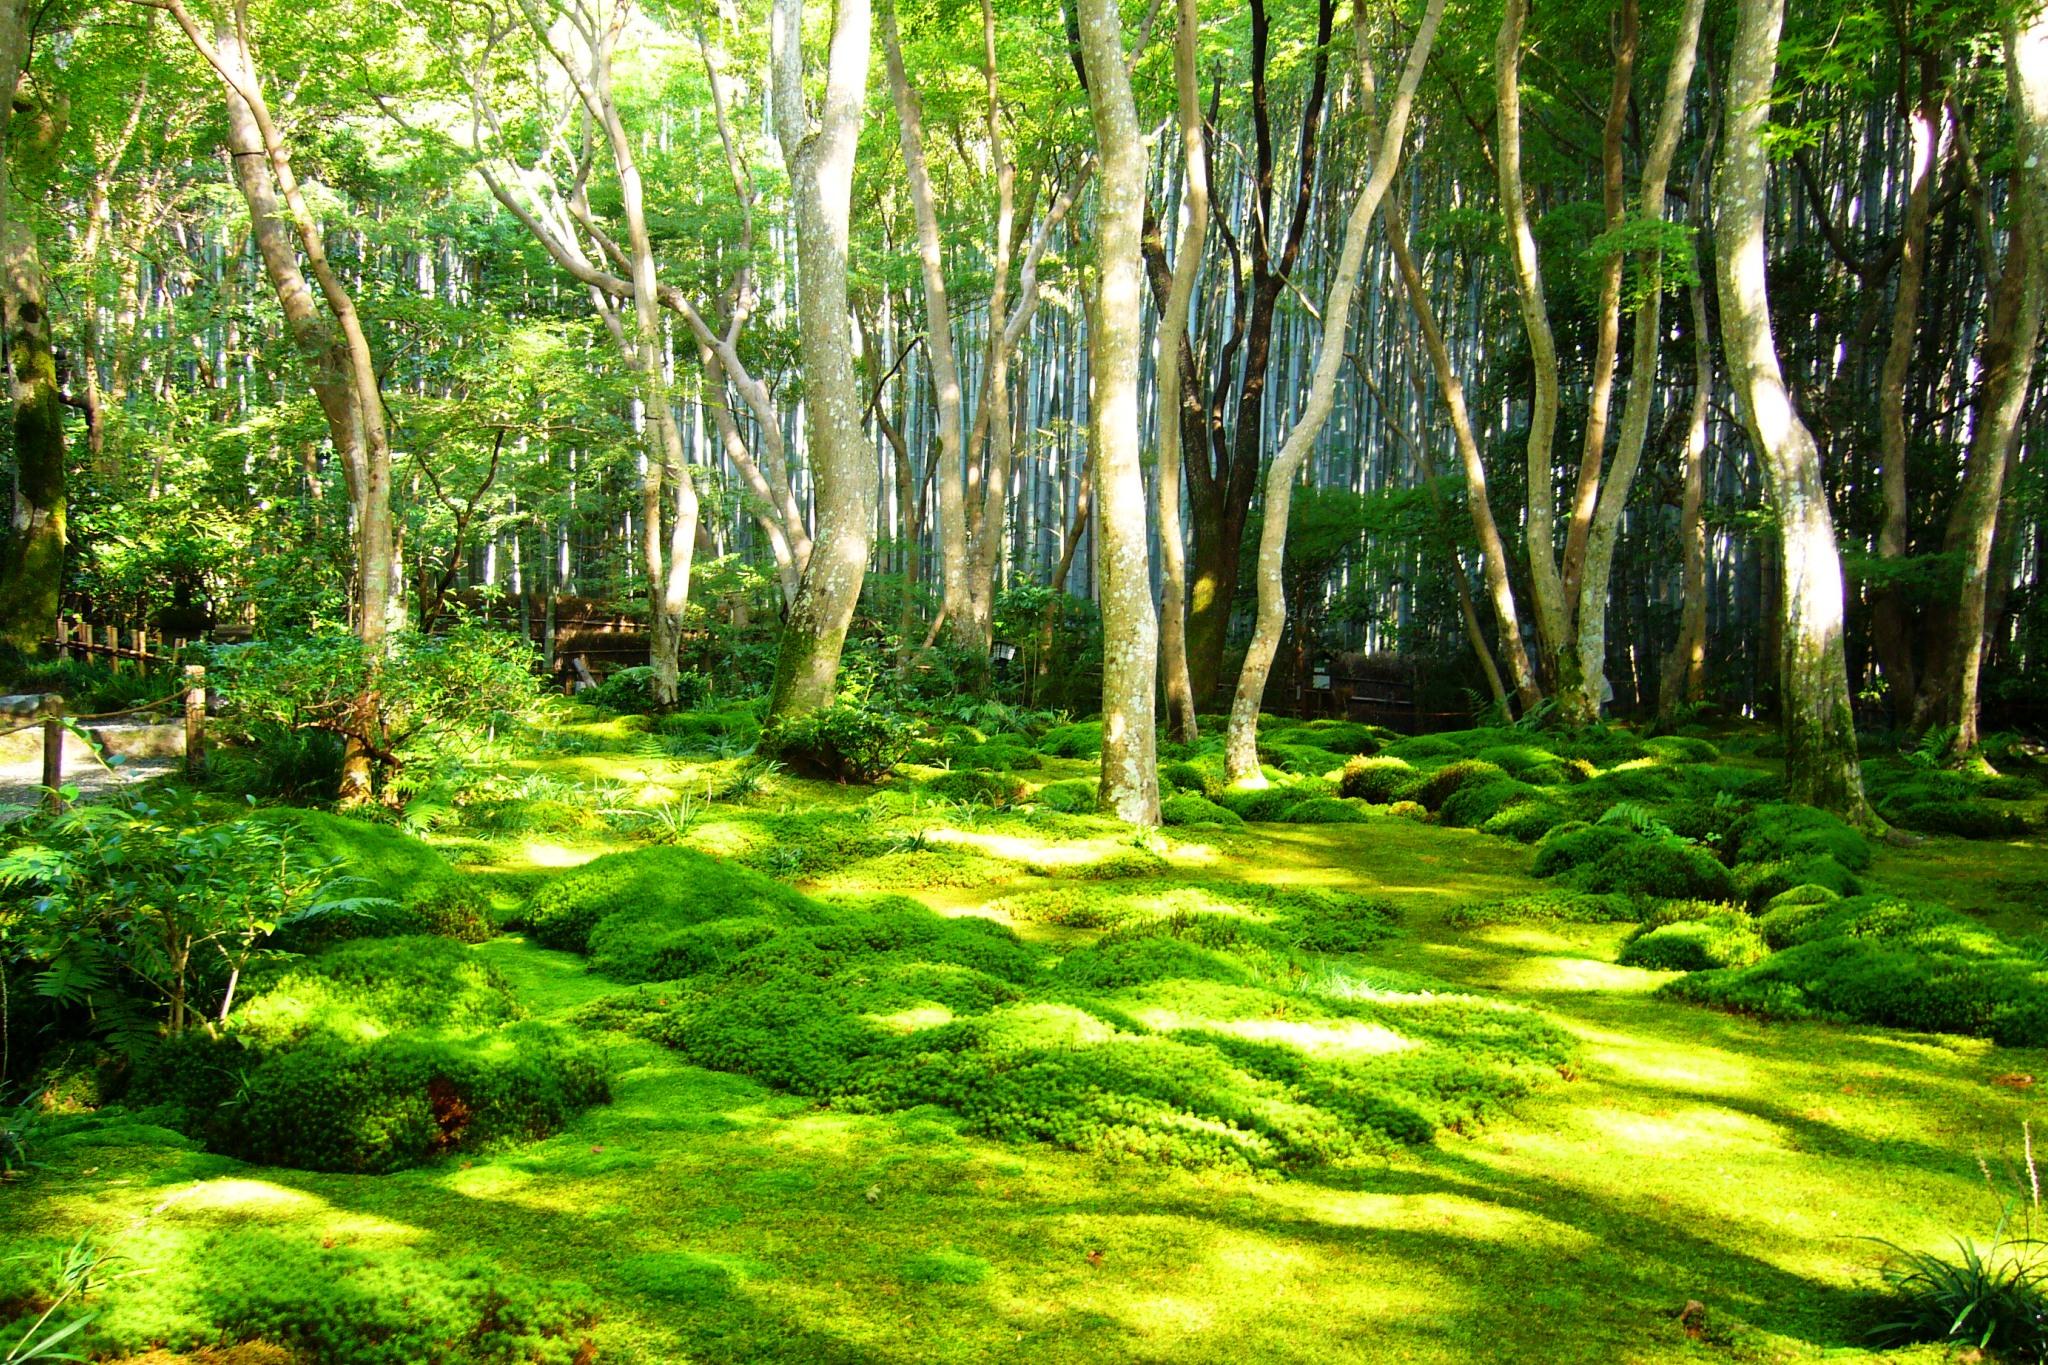 Gio-ji, Moss Garden